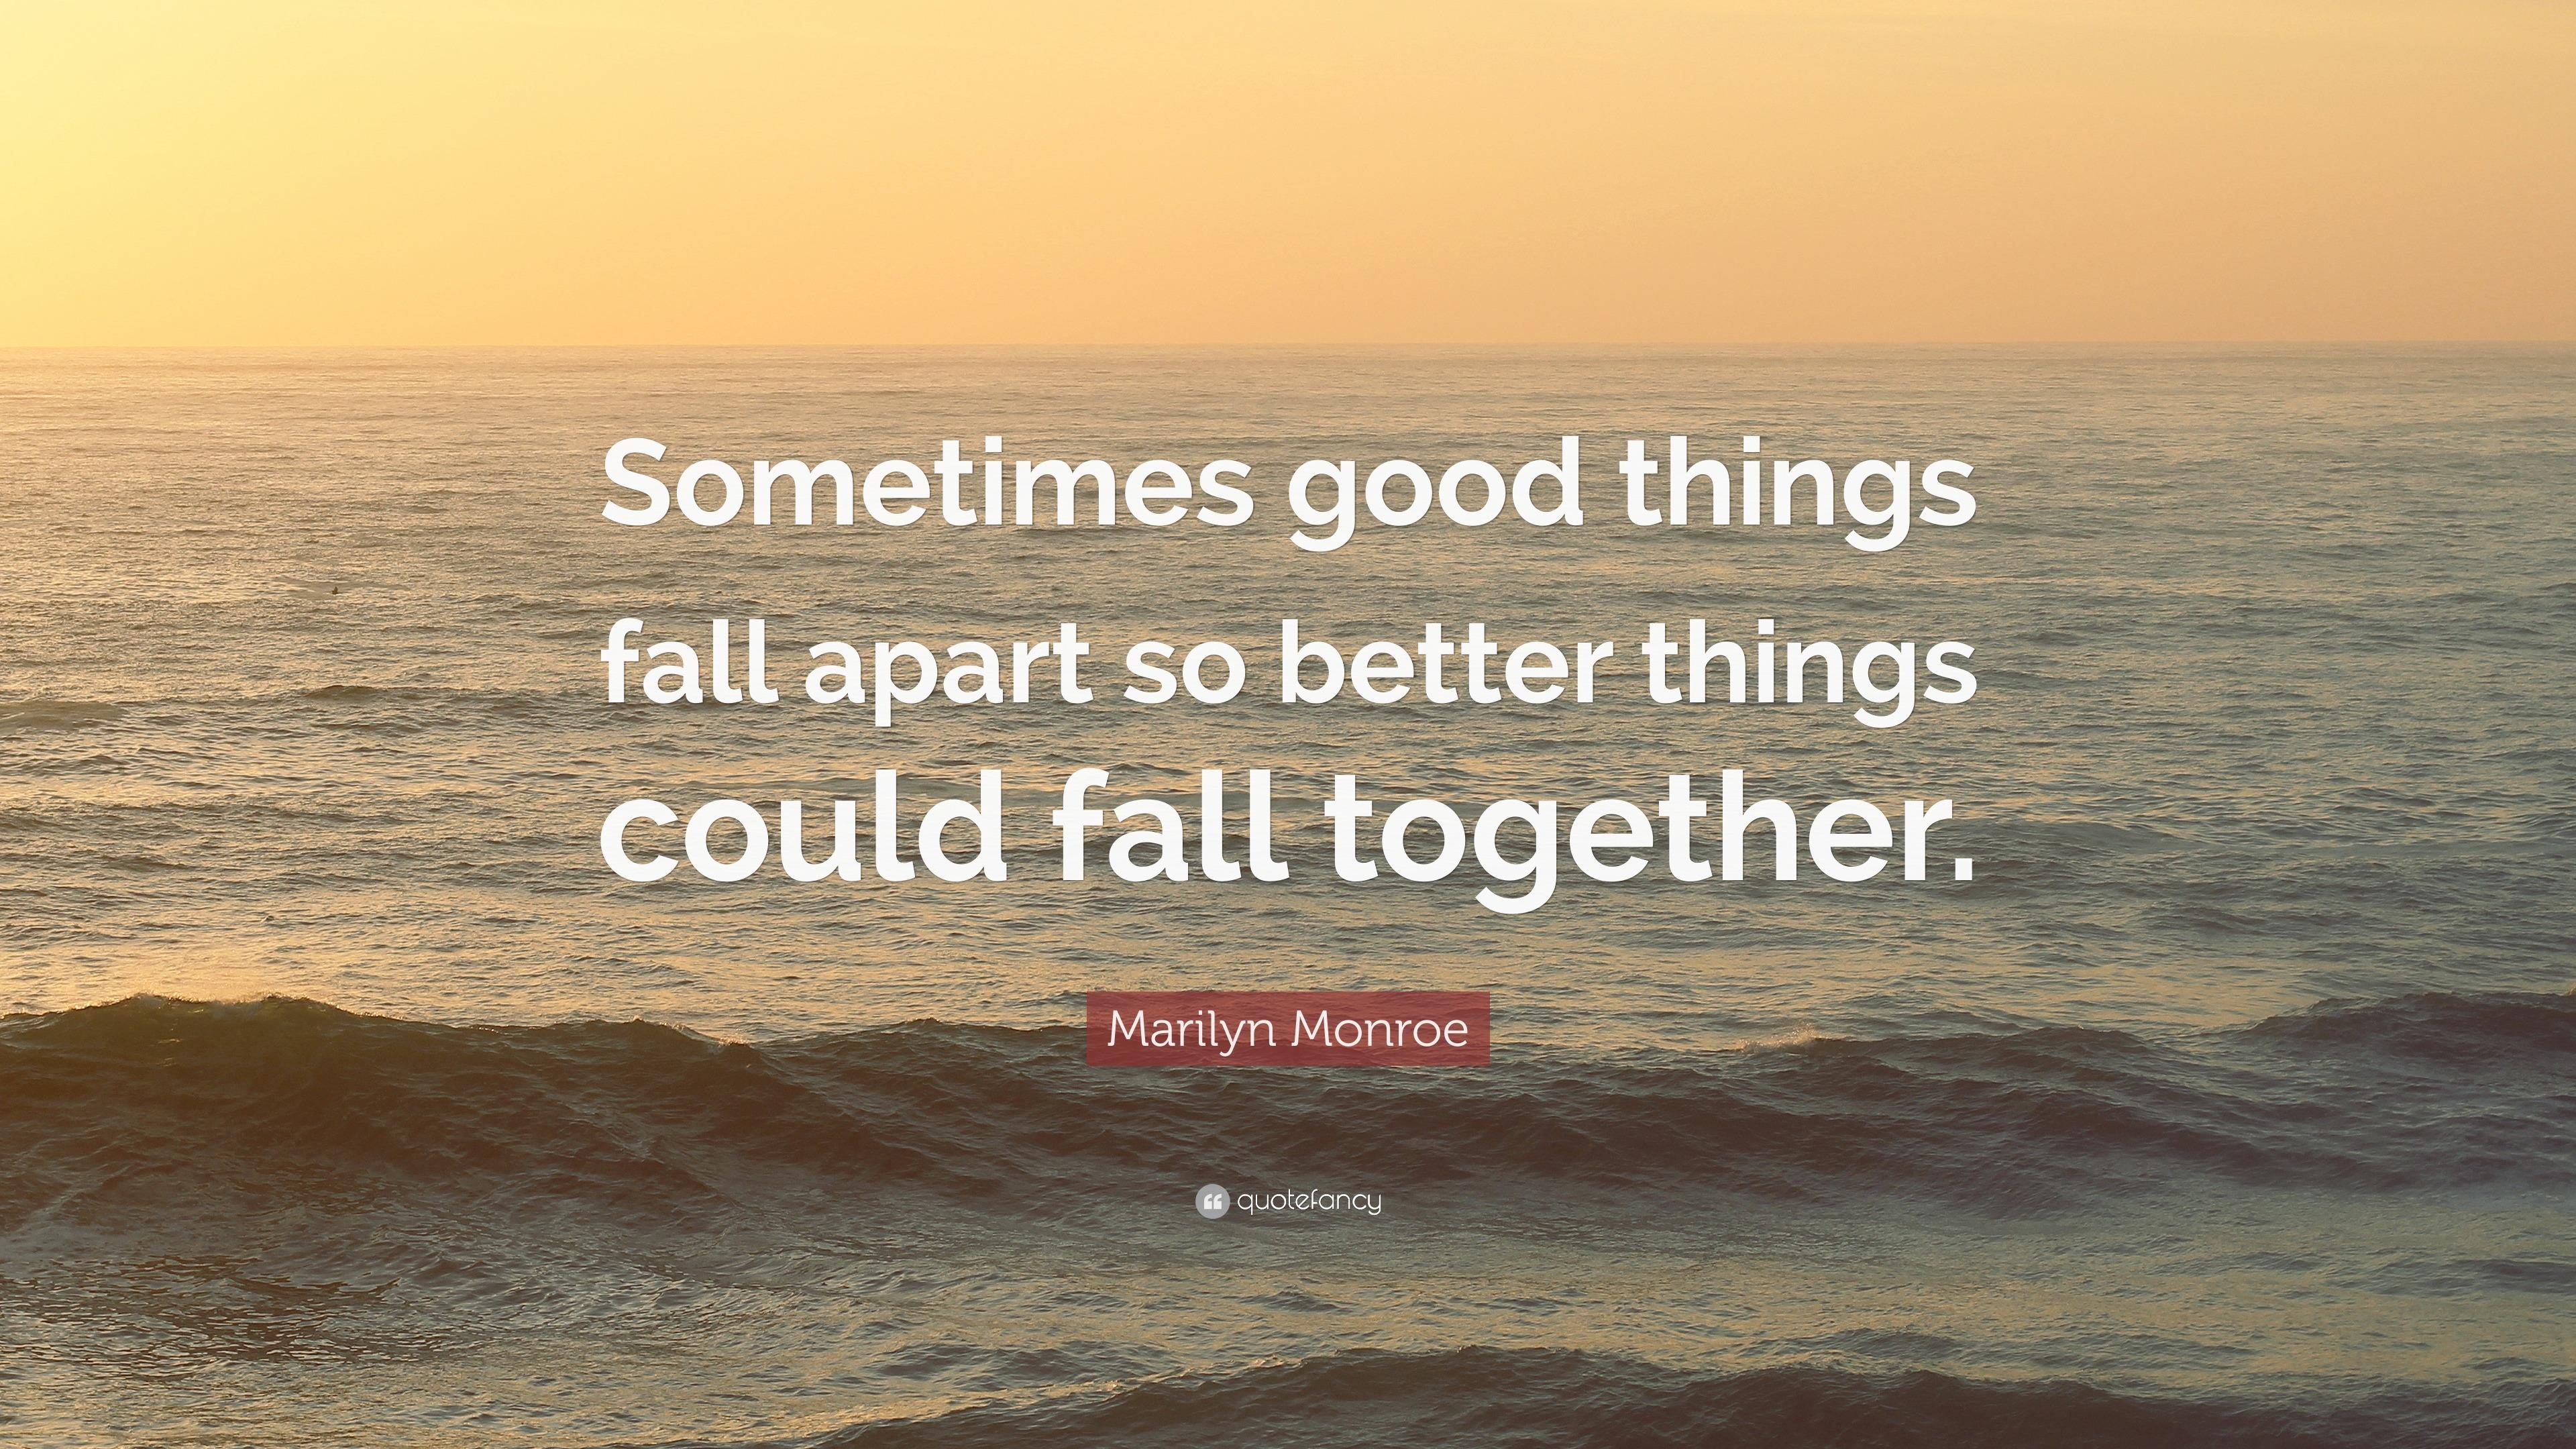 Marilyn Monroe Quote: Sometimes good things fall apart so